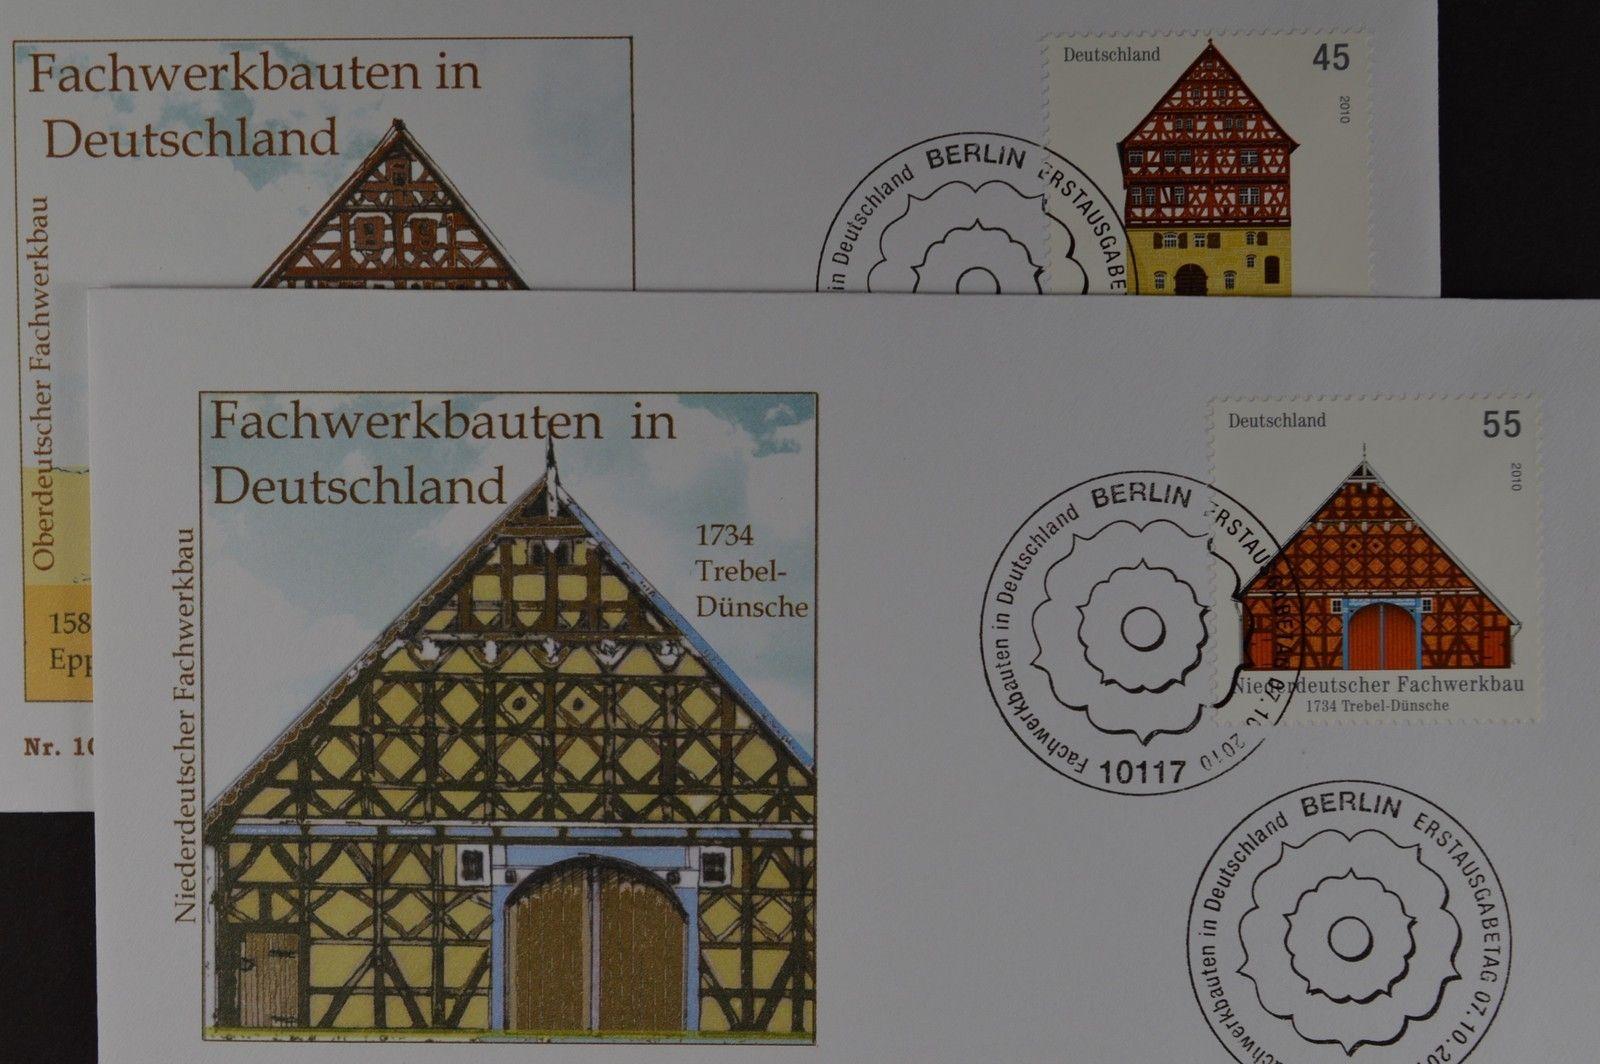 Bund brd ersttagsbrief fdc michel nr 2823 24 for Fachwerkbauten deutschland